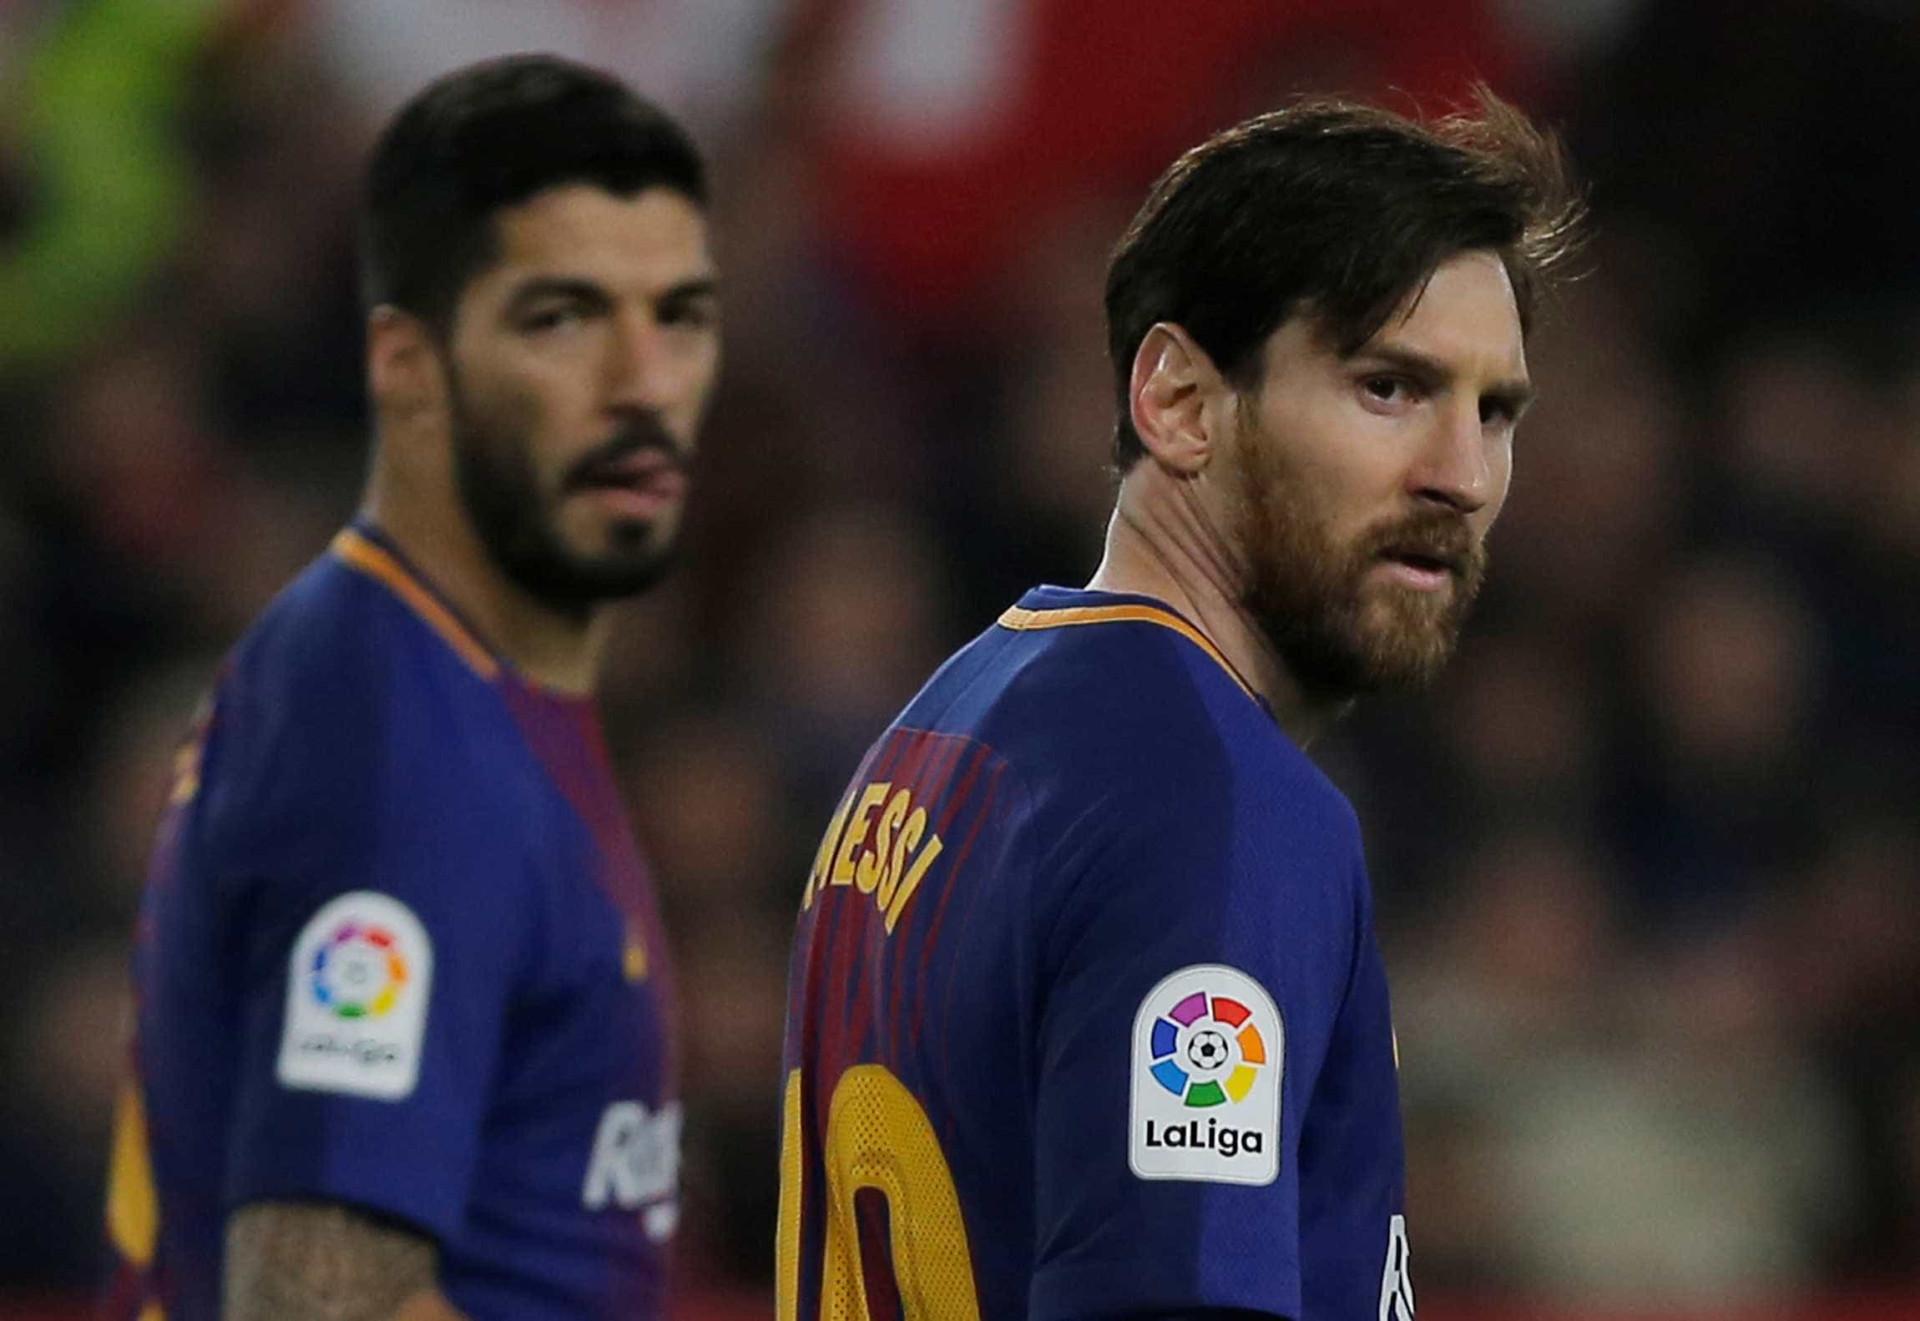 Messi tem seis dedos no pé direito? Redes sociais estão 'loucas'